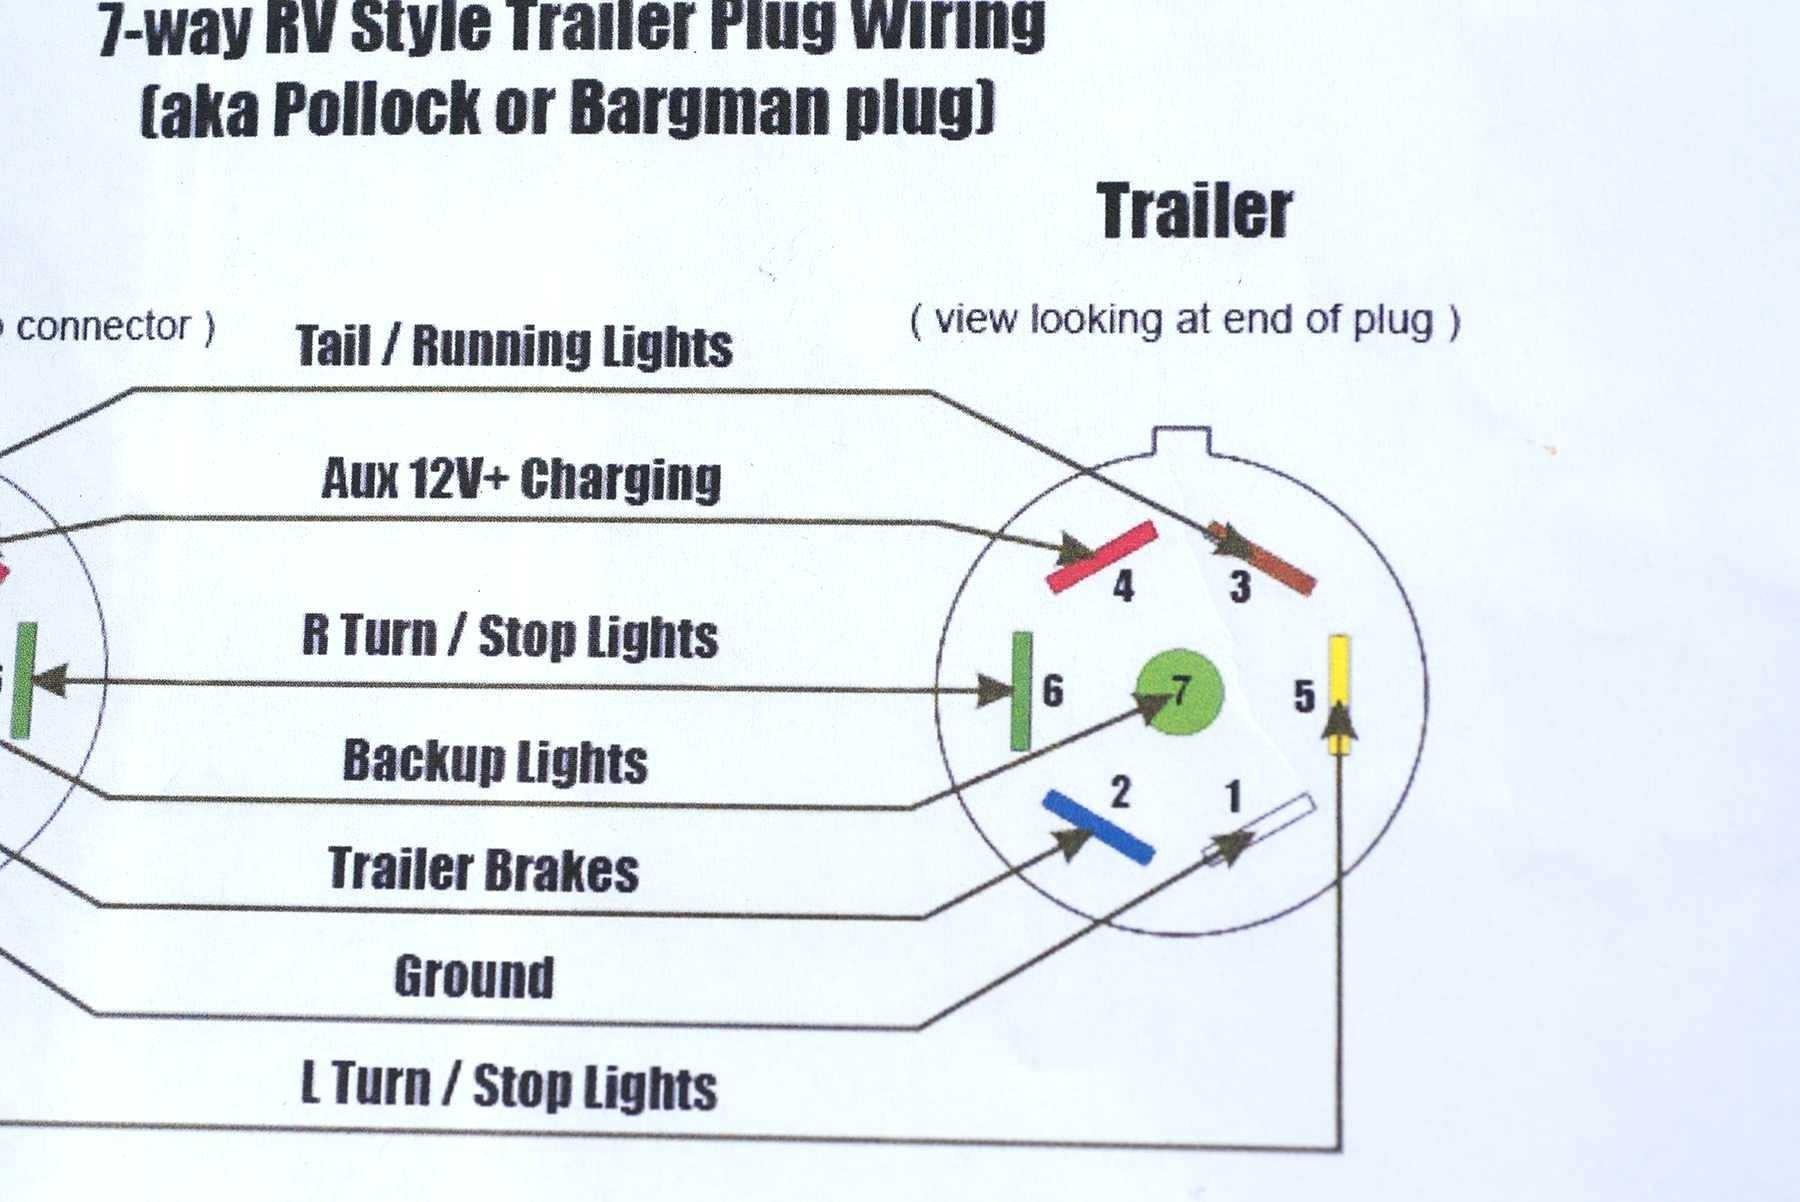 7 Pin Trailer Plug Wiring Diagram 7 Pin Trailer Plug Wiring Diagram For Ford Wiring Diagram Review